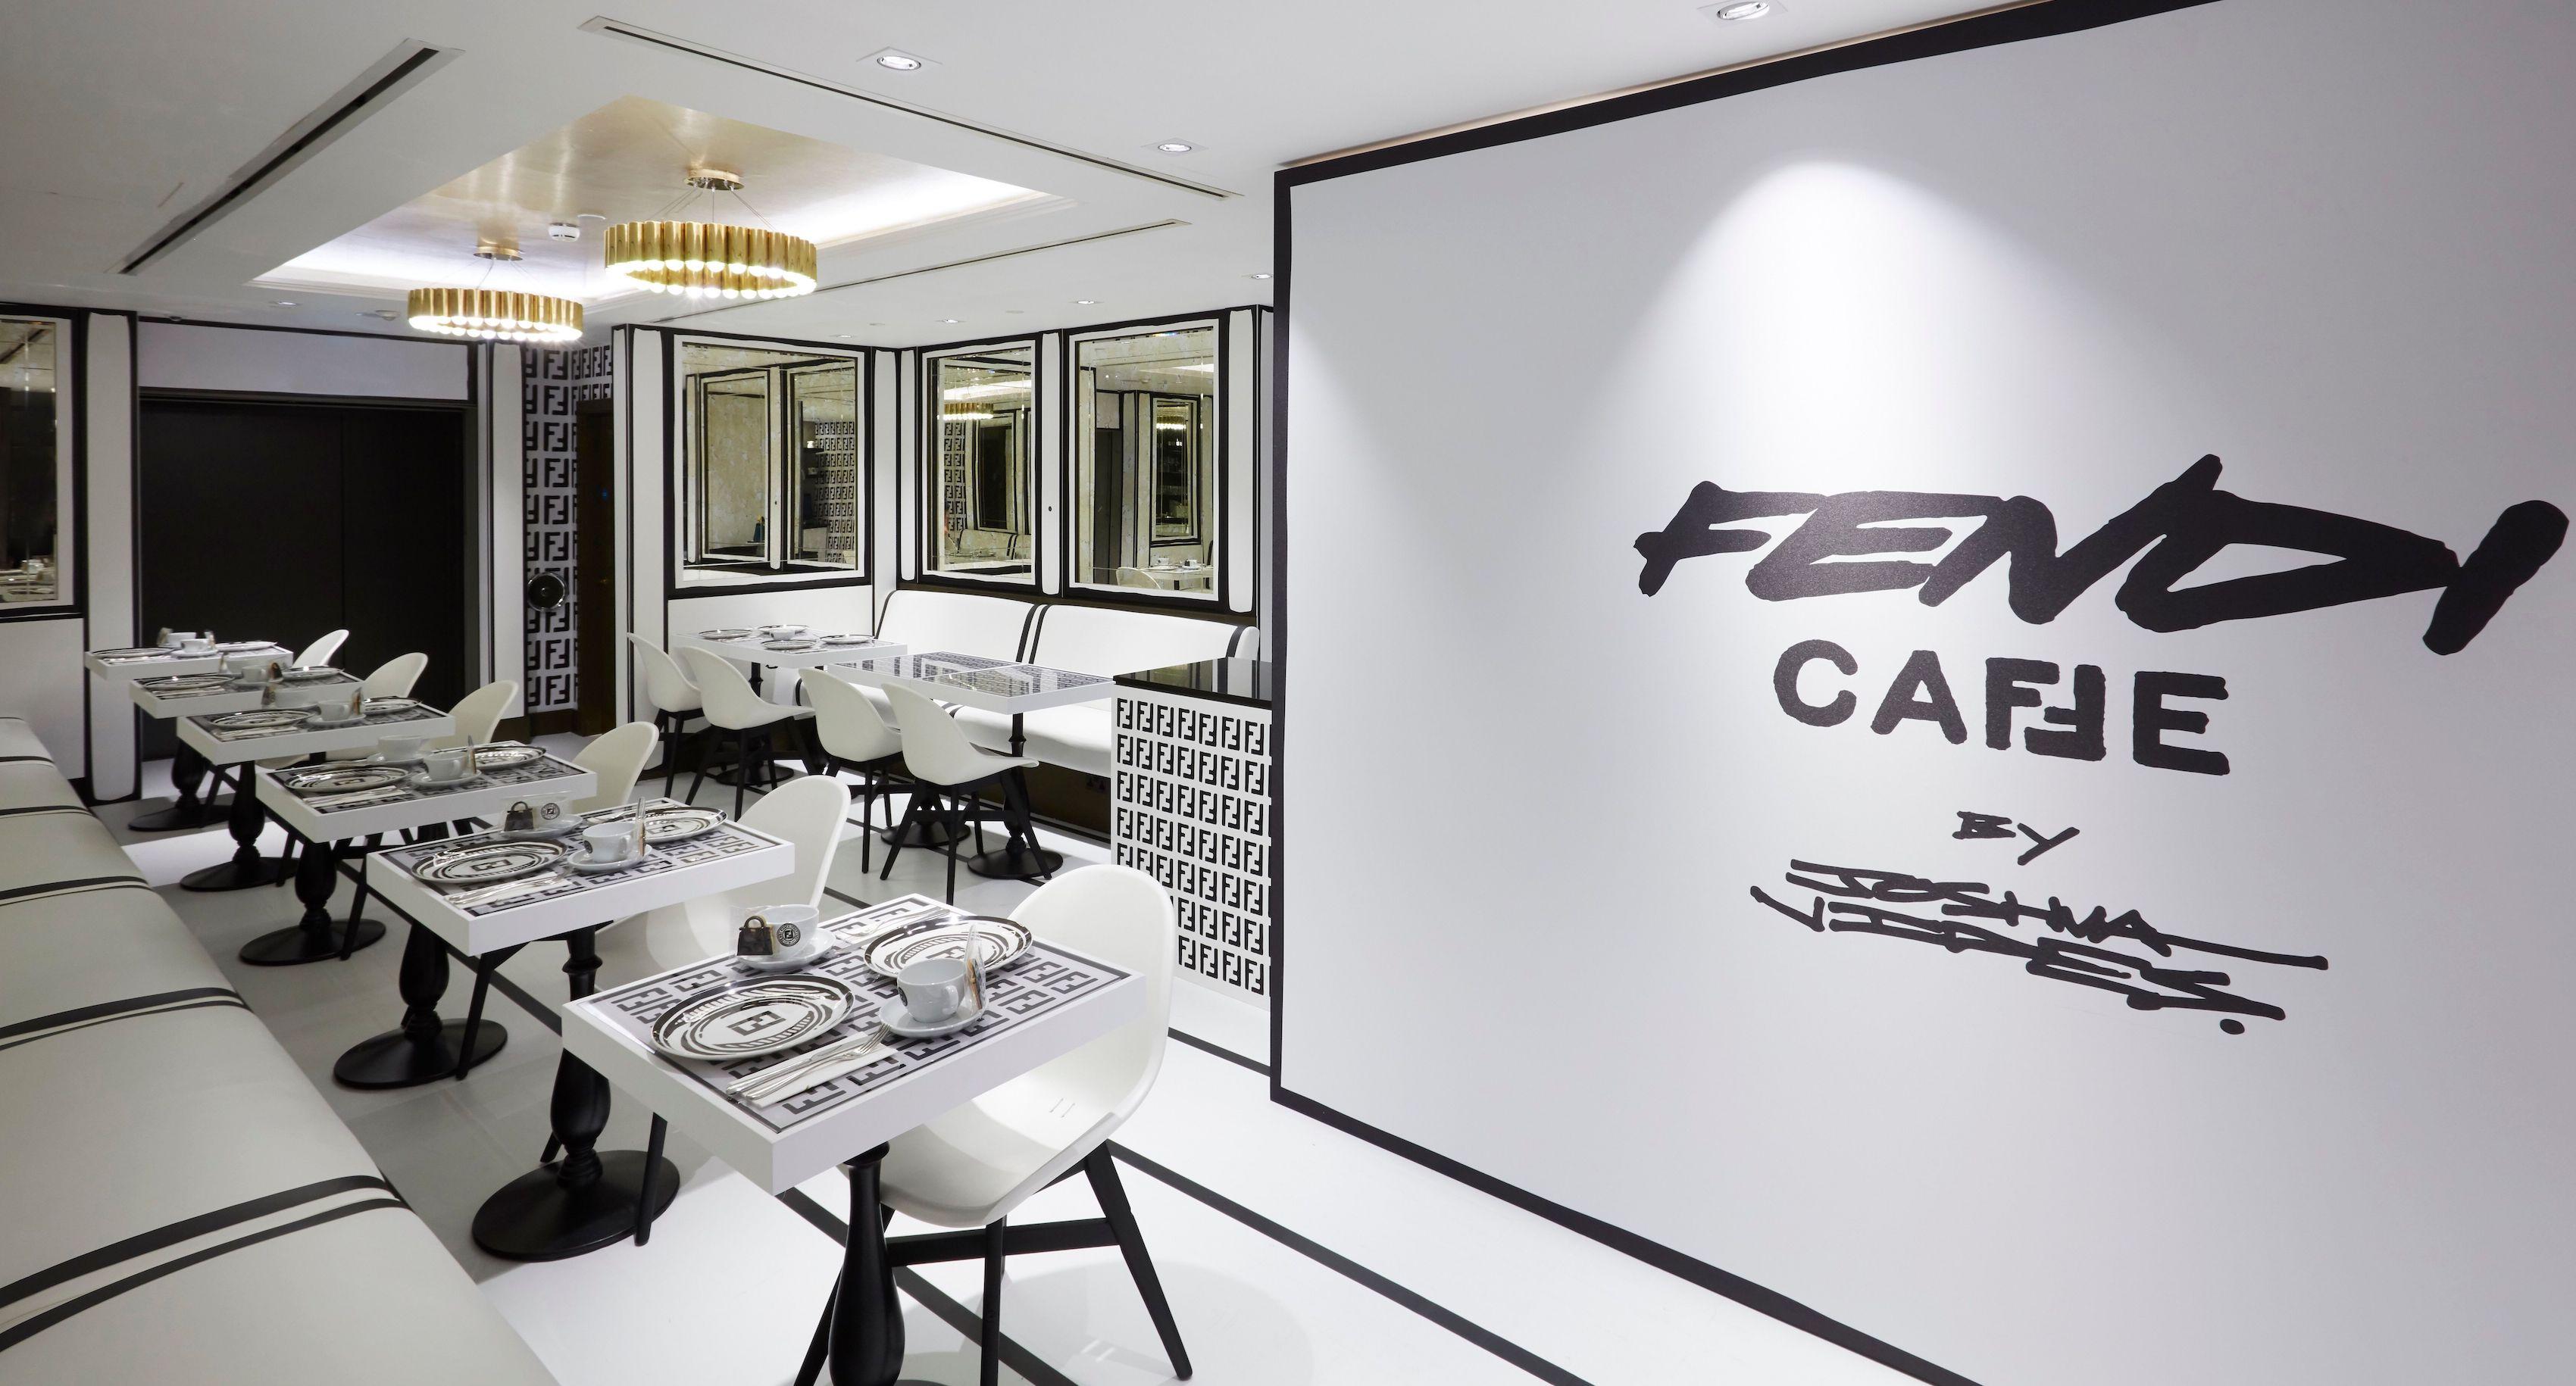 Fendi abre una cafetería para fashionistas en Londres